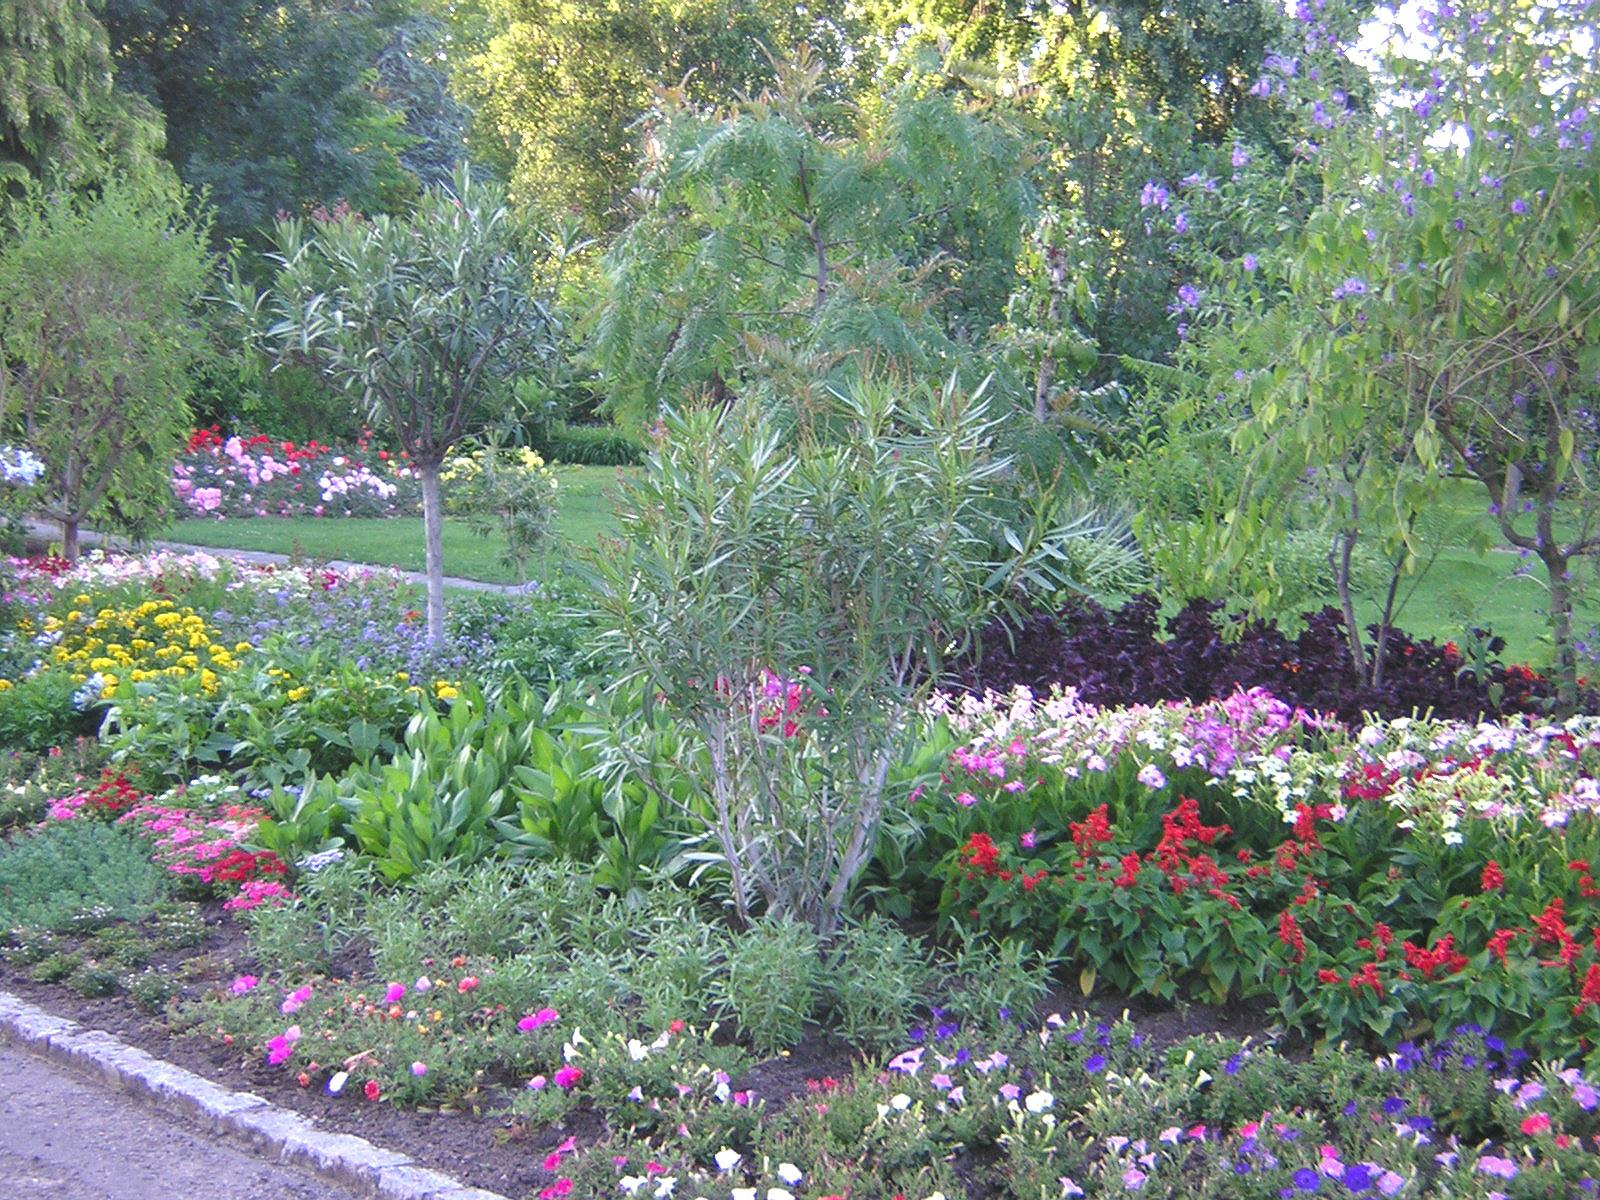 Le jardin anglais de vesoul abeilles et petites mains for Jardin en anglais